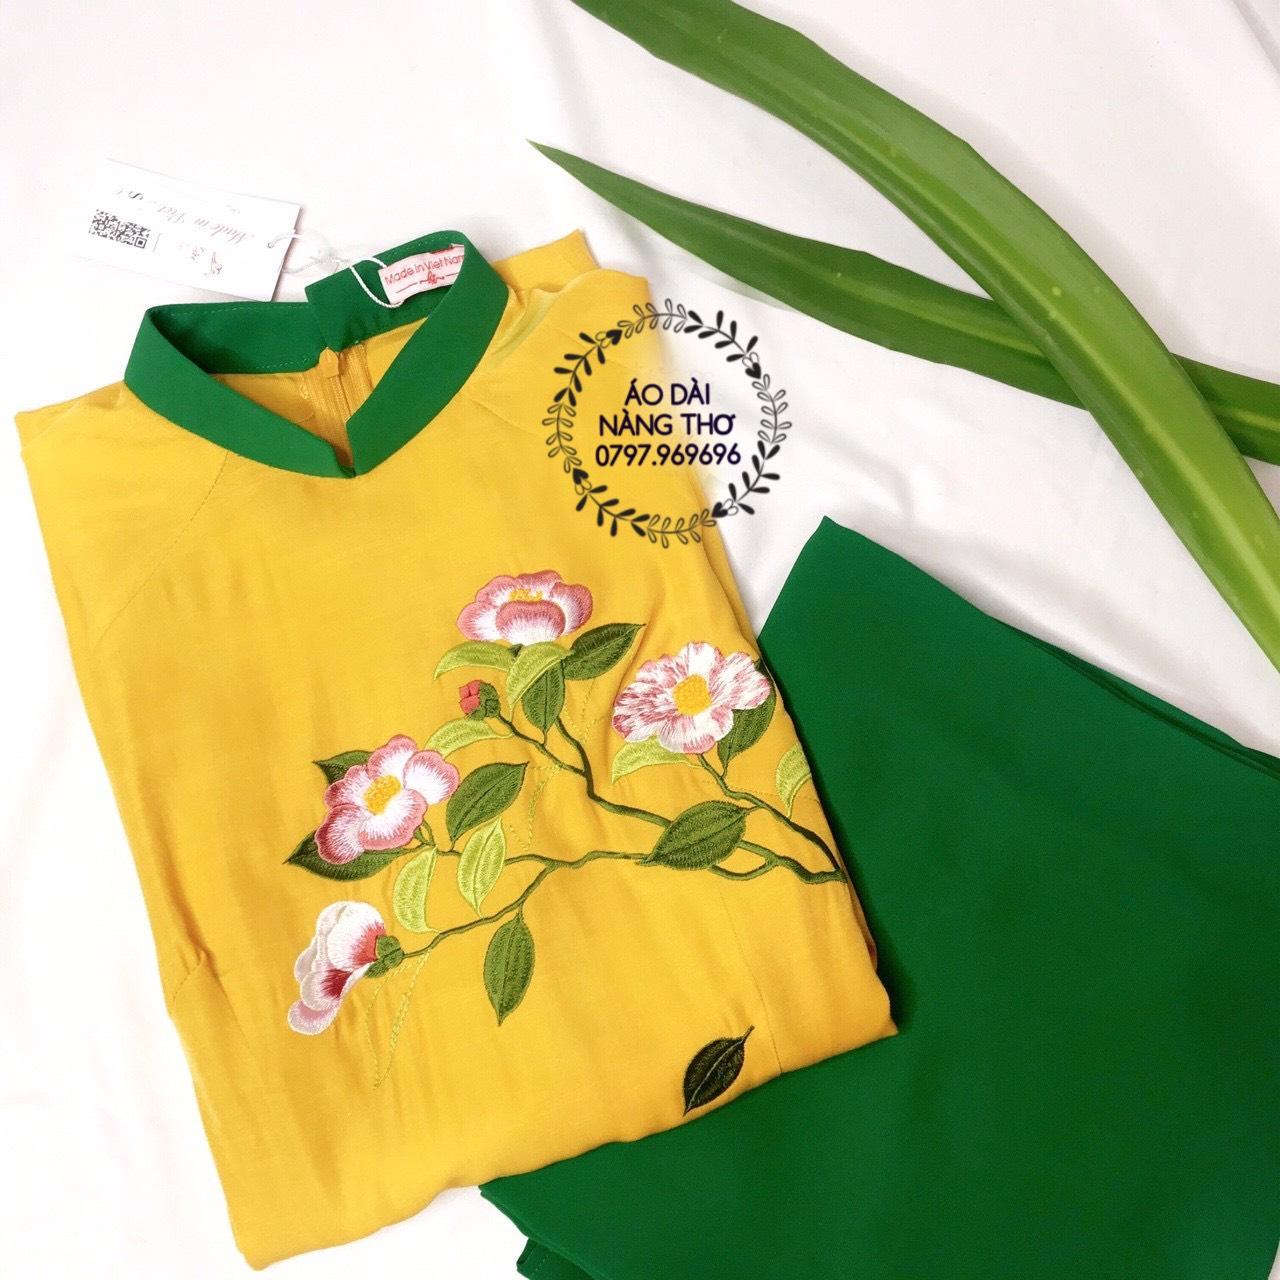 Áo Dài Truyền Thống Chất Liệu Đũi Cao Cấp Màu Vàng Thêu Họa Tiết Hoa Lá Mùa Xuân